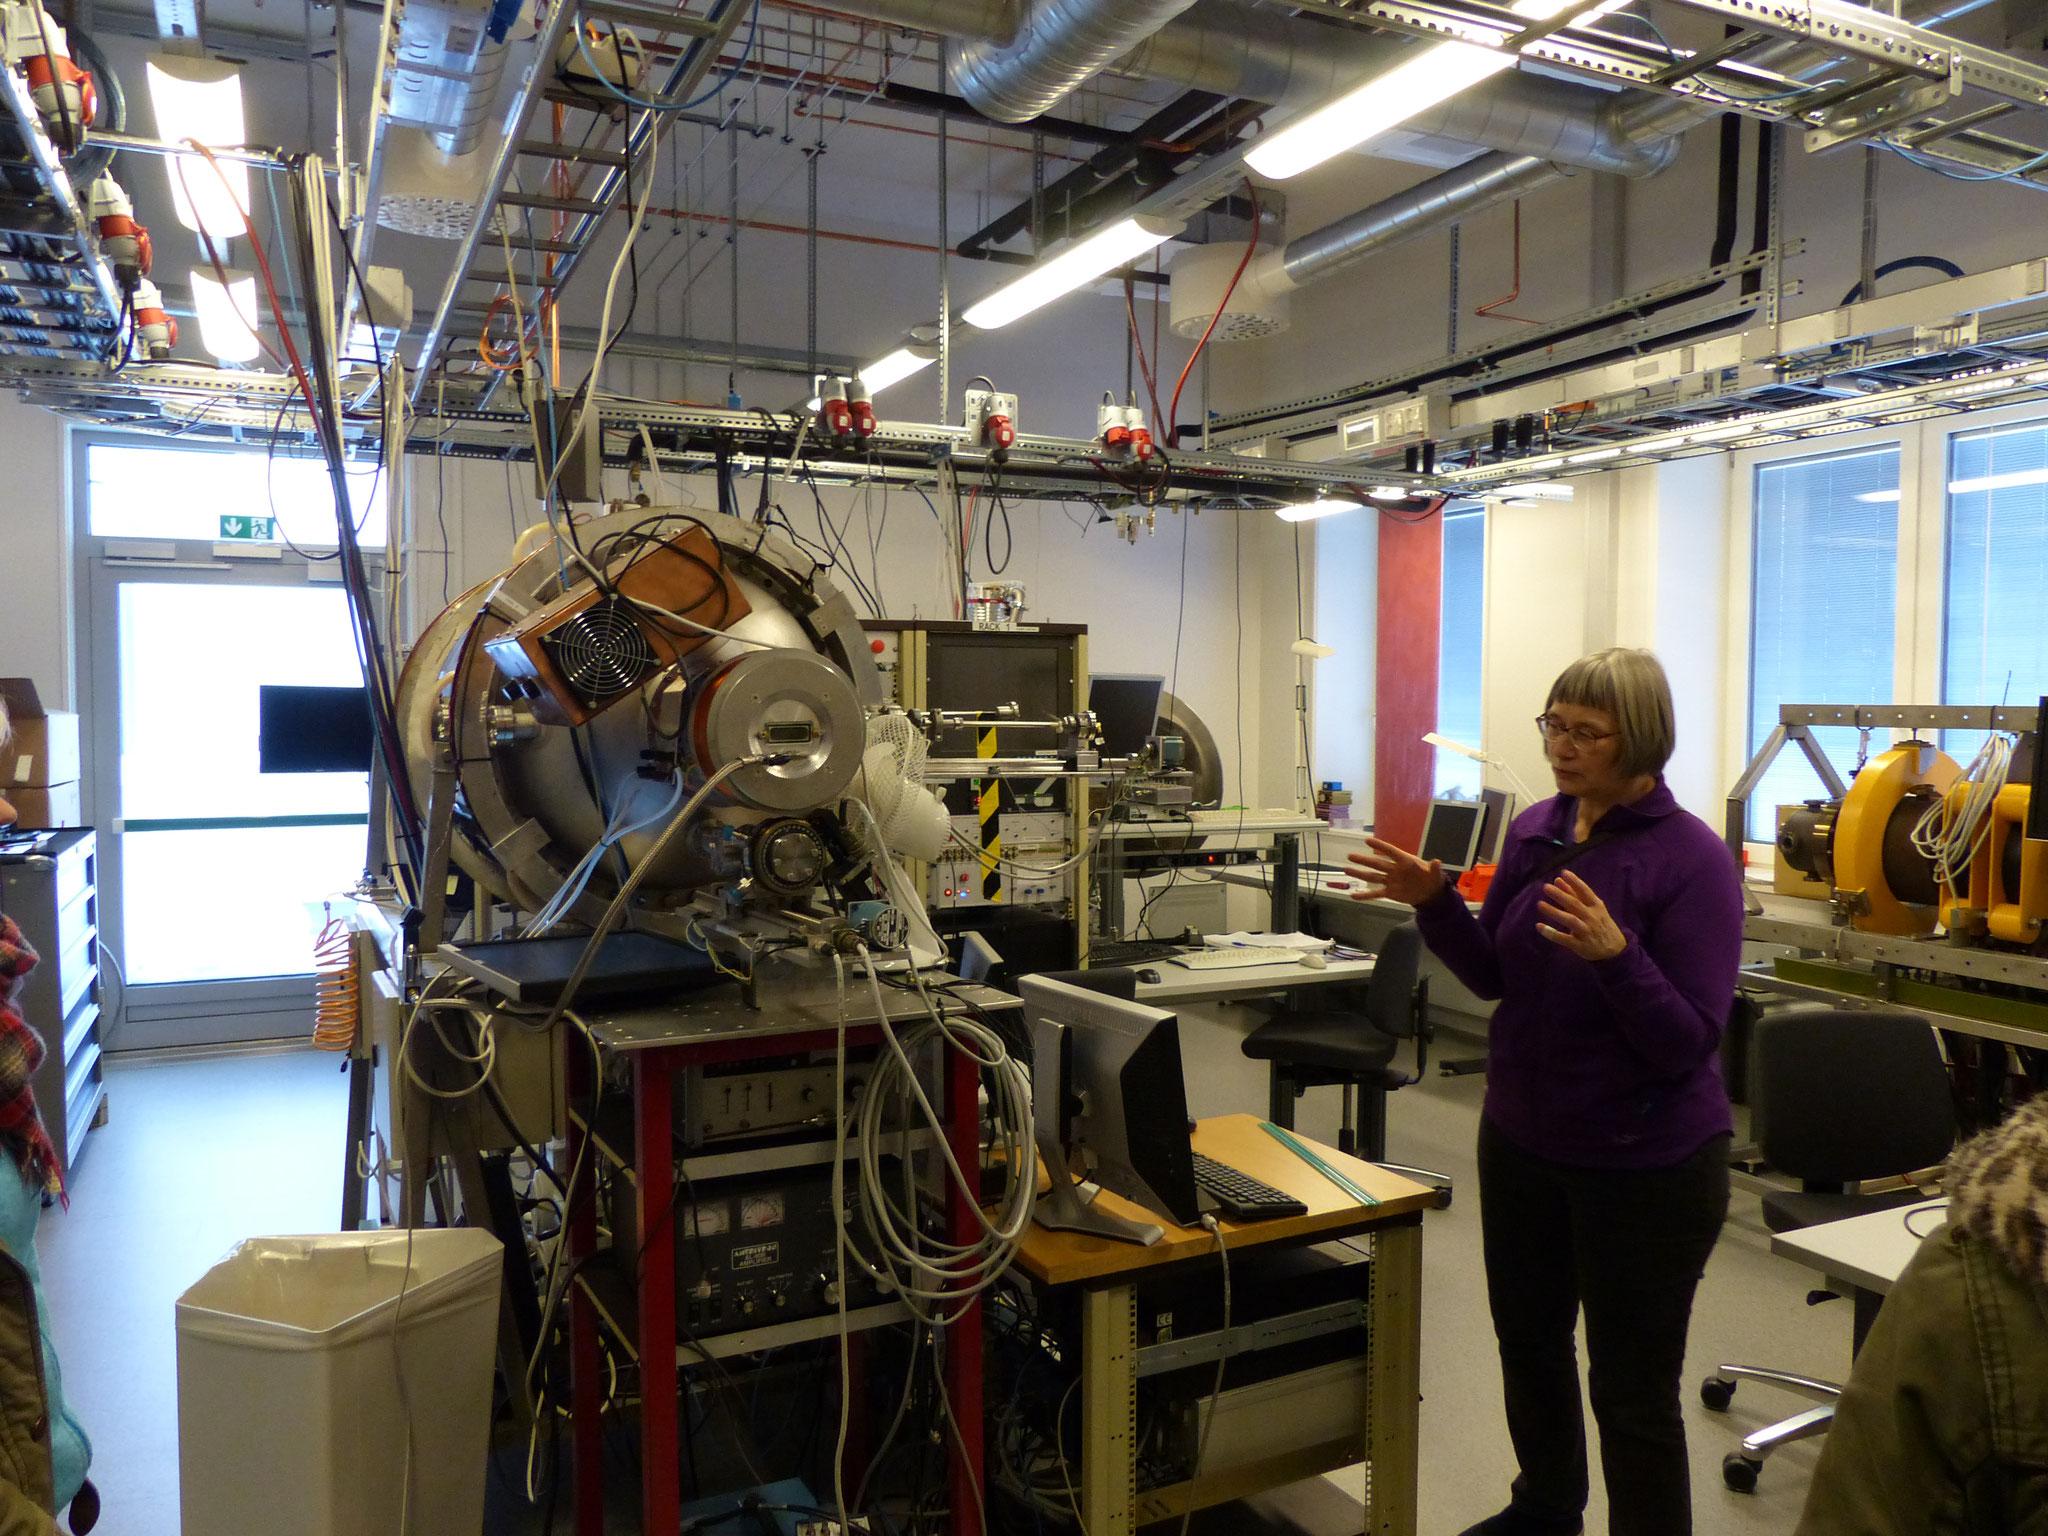 Åshild Fredrikse zeigt uns ihr Labor